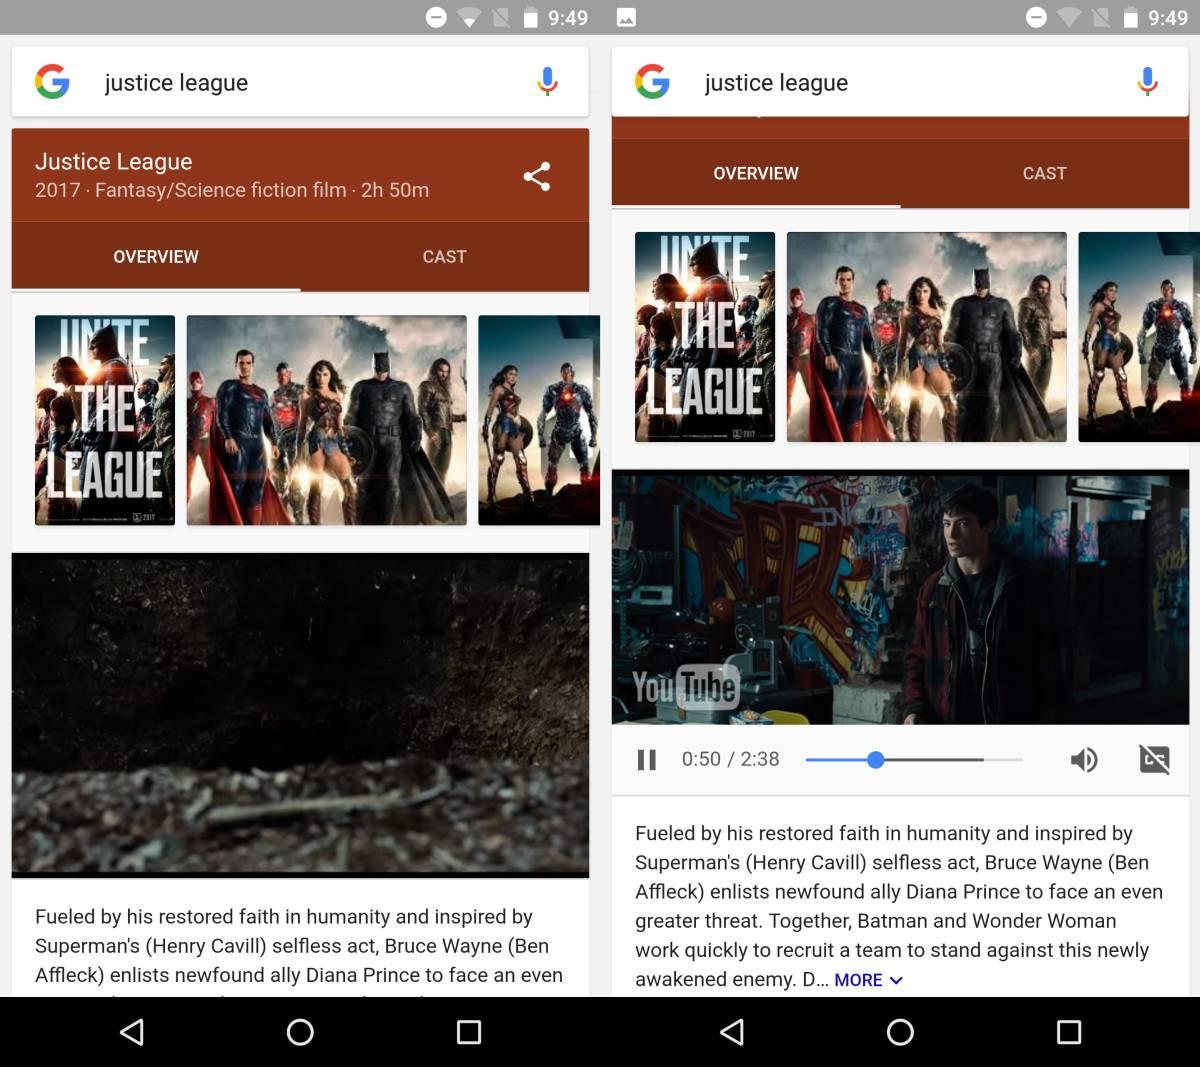 كيفية إيقاف التشغيل التلقائي للفيديوهات في نتائج البحث بجوجل على هواتف الأندرويد 2